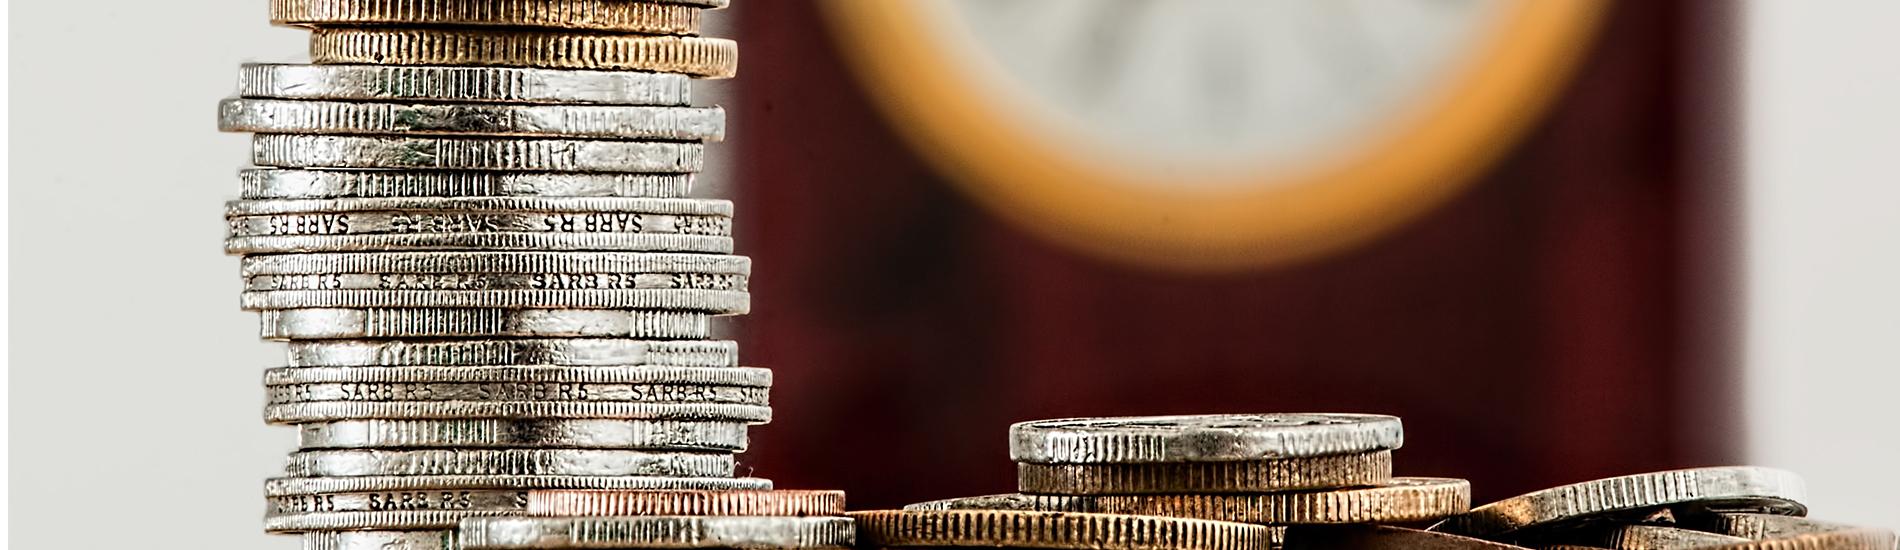 Podział majątku – jak go dokonać?